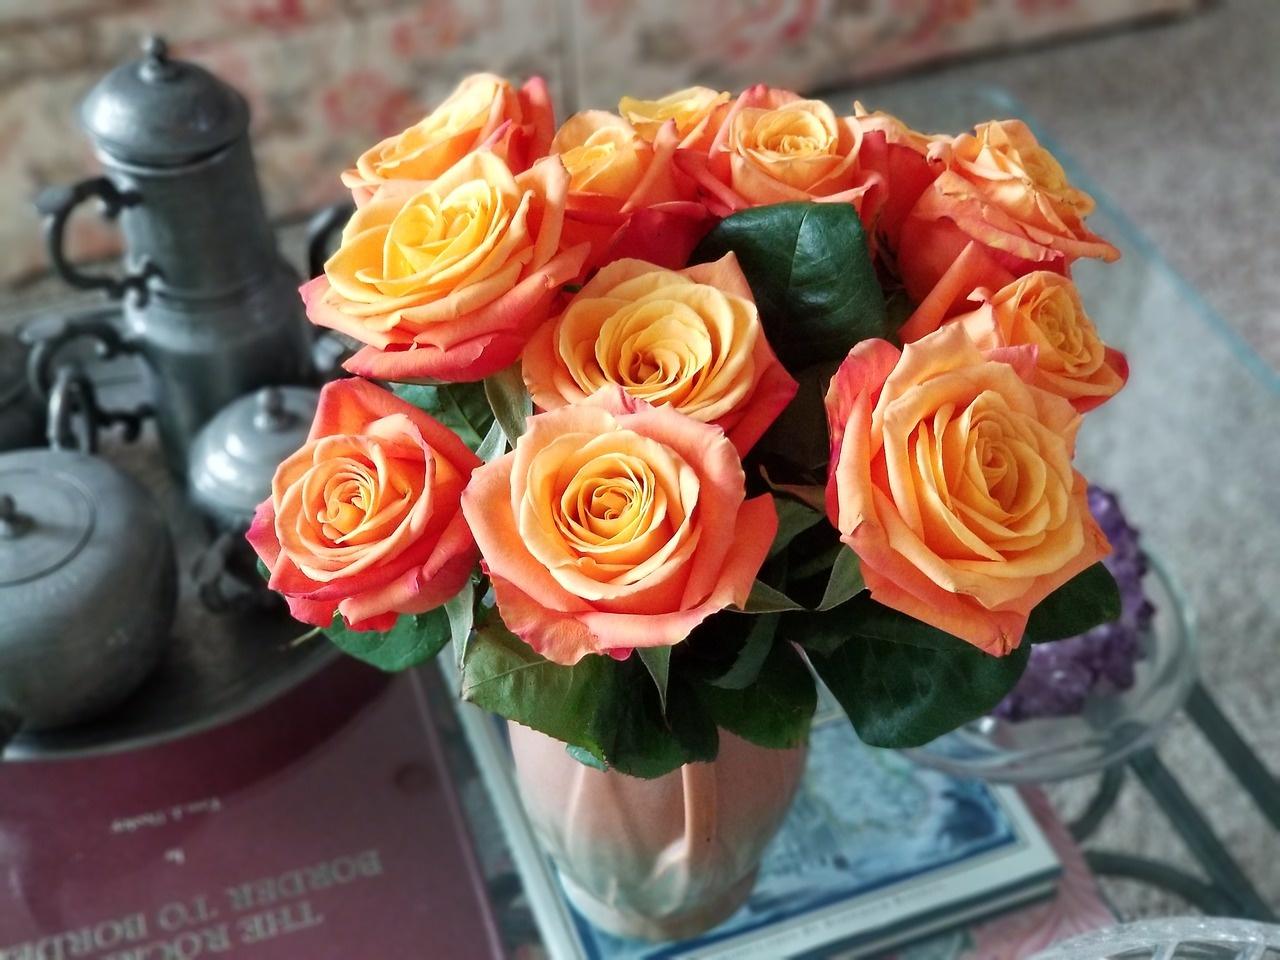 Waar laat ik rouwbloemen bezorgen?